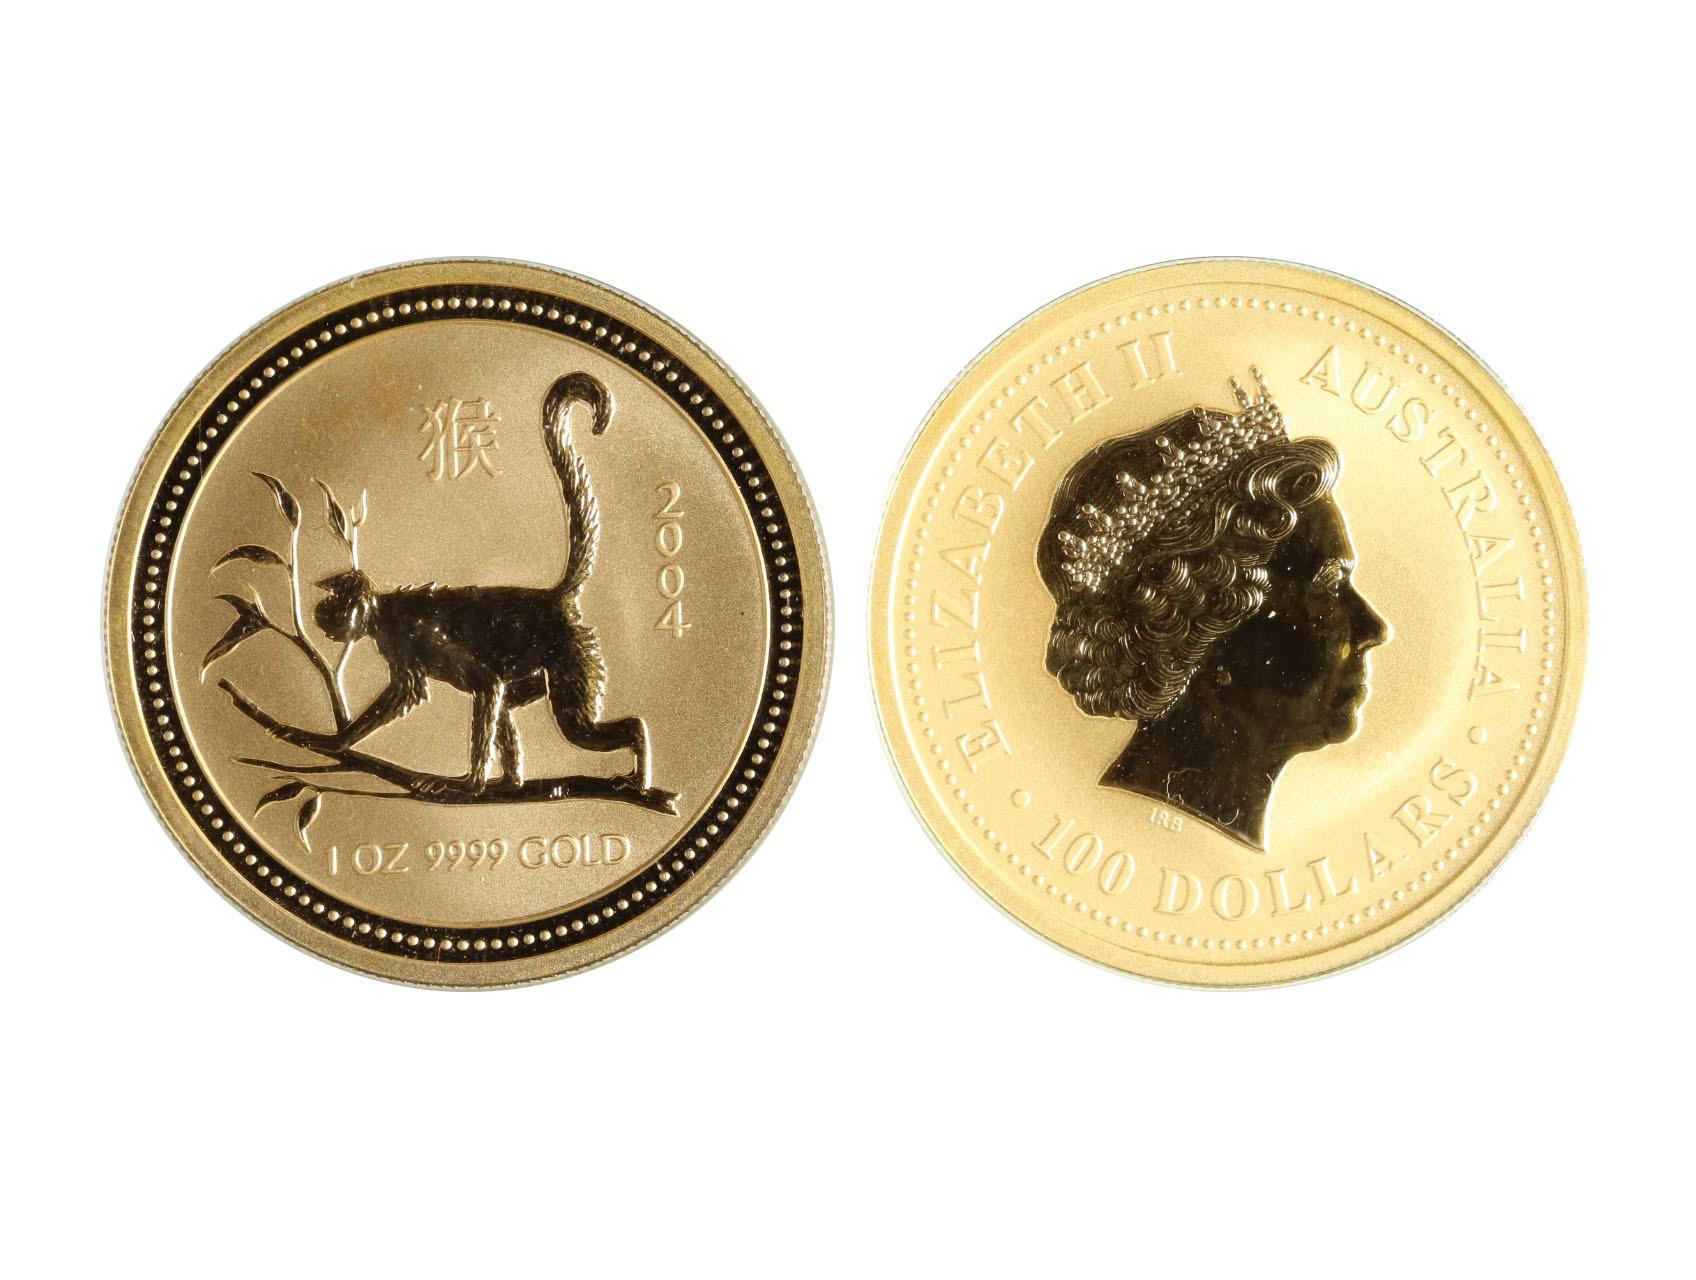 Austrálie - 100 Dollars 2004 Lunární kalendář rok opice, Au 0,999, 31,10g, KM.672